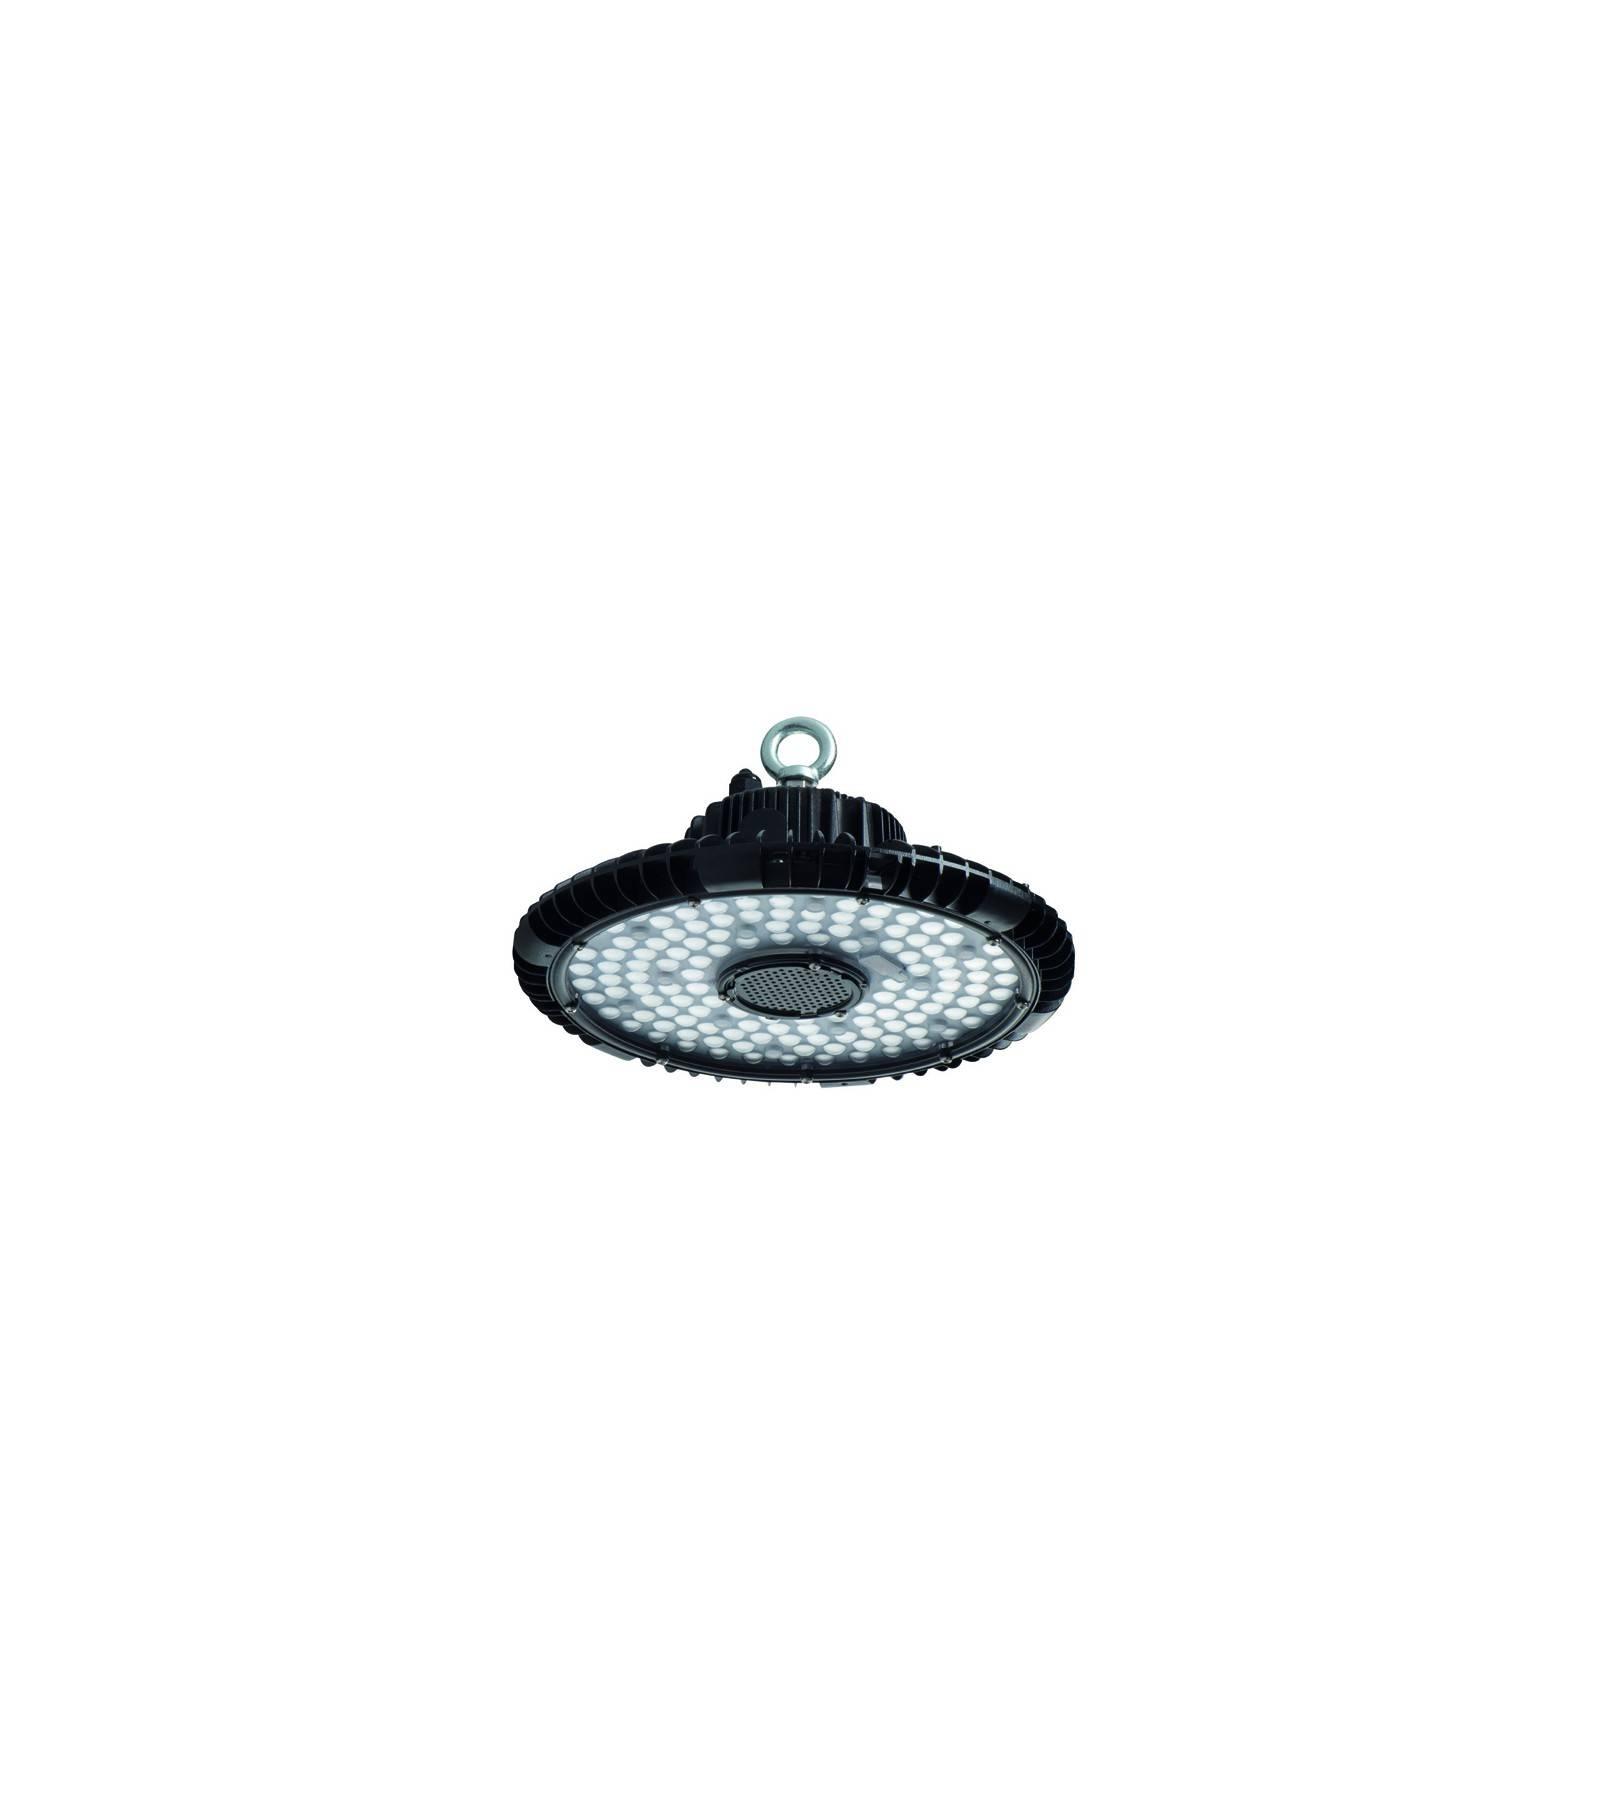 Kanlux Cloche LED UFO HB PRO LED 100W 12000Lm Blanc Neutre KANLUX - 27150